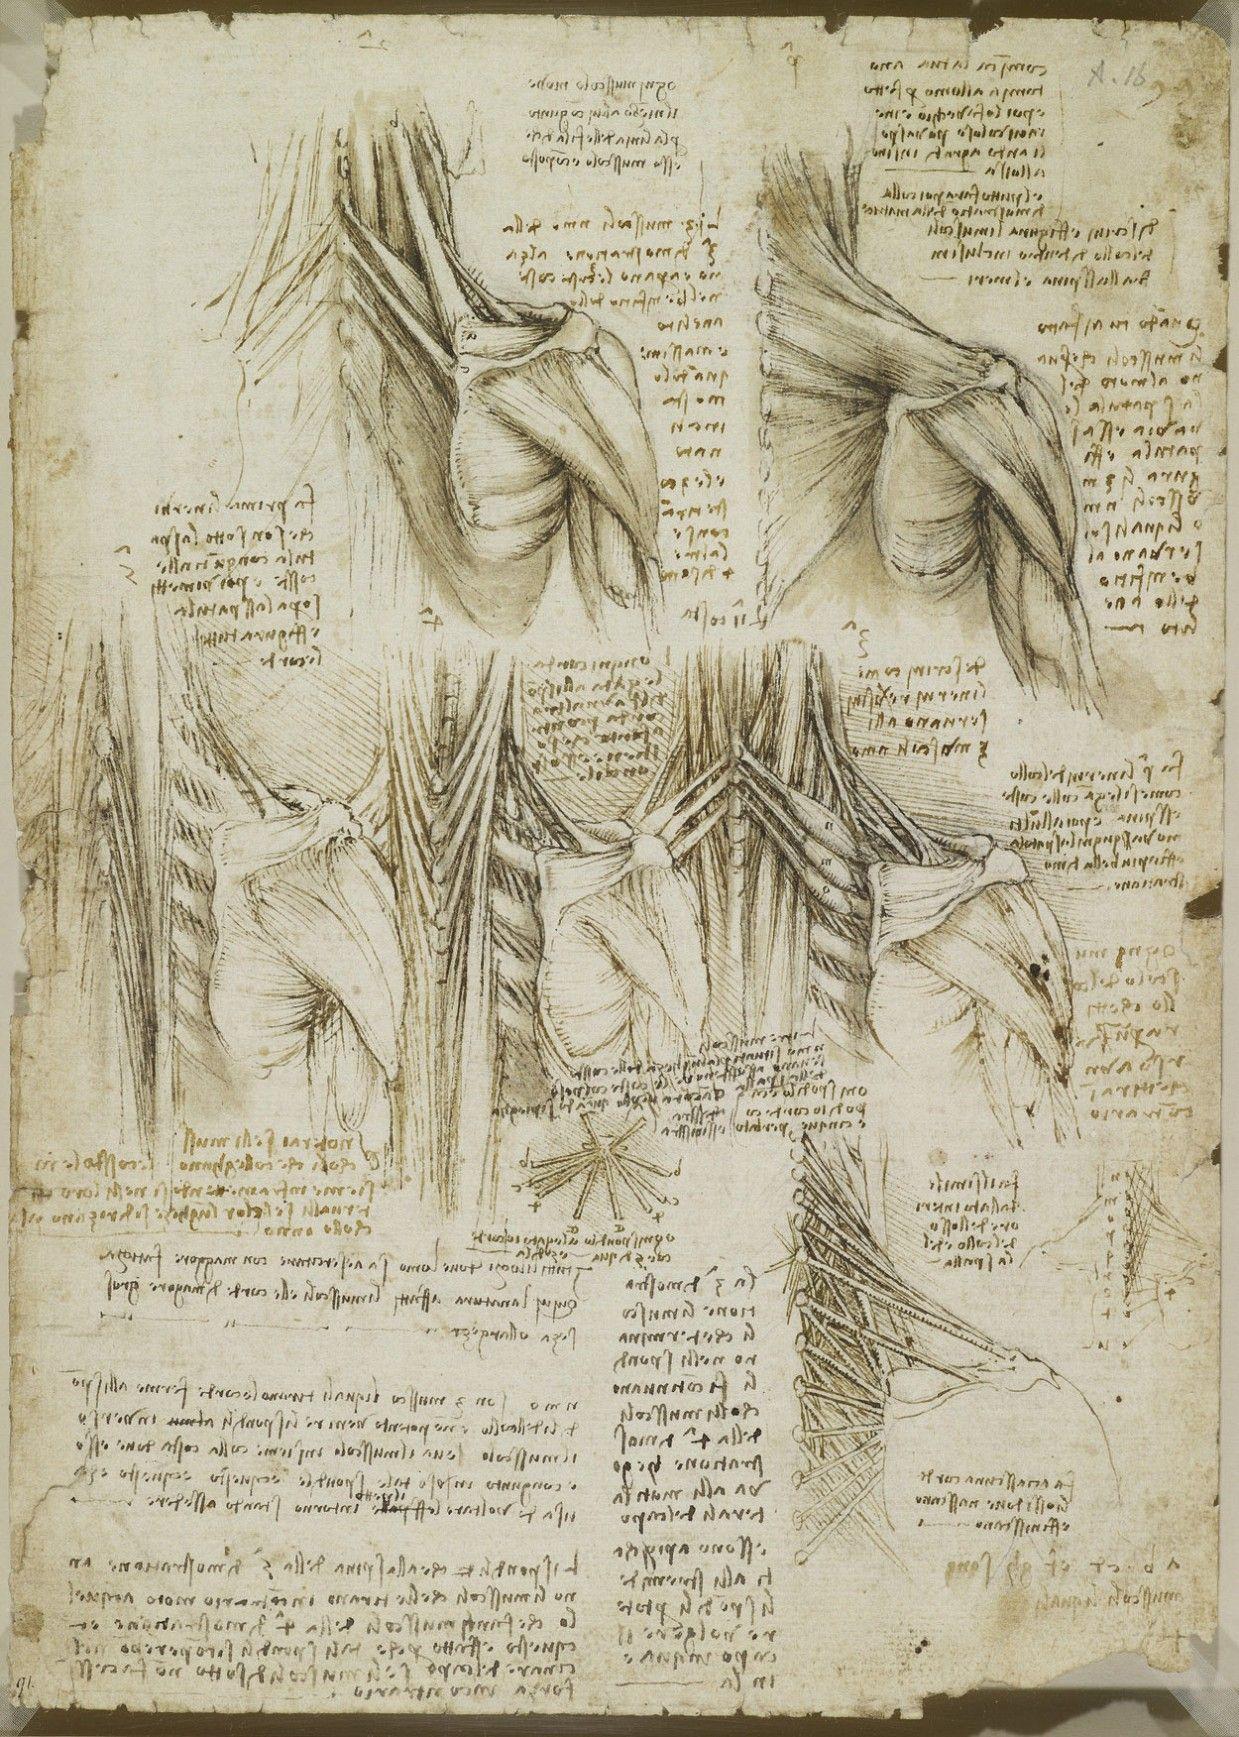 Анатомические рисунки Леонардо да Винчи выложили в открытый доступ